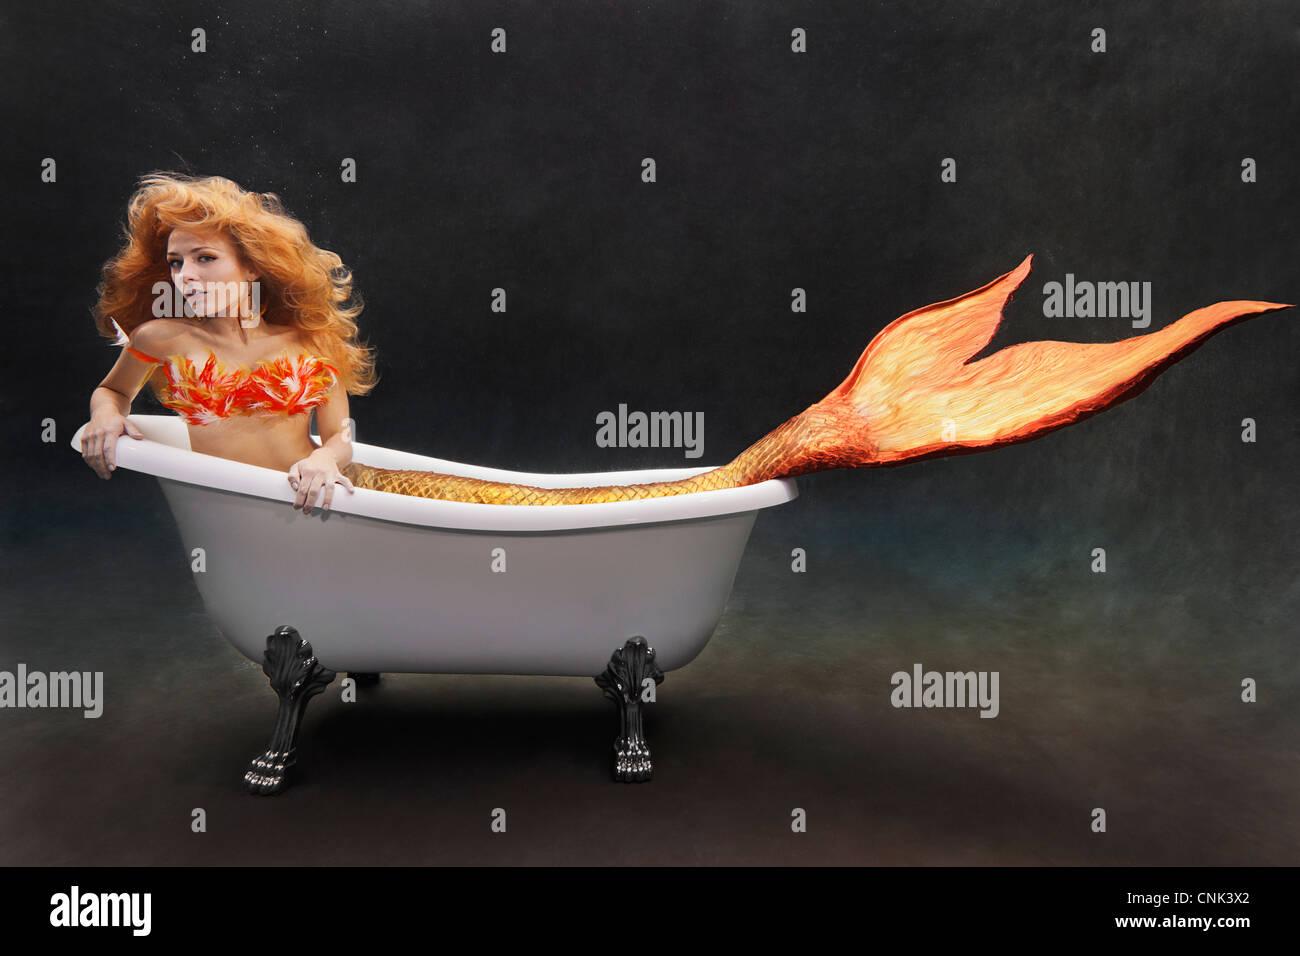 Albert Badewanne junge meerjungfrau verlegung unter wasser in ihrem albert